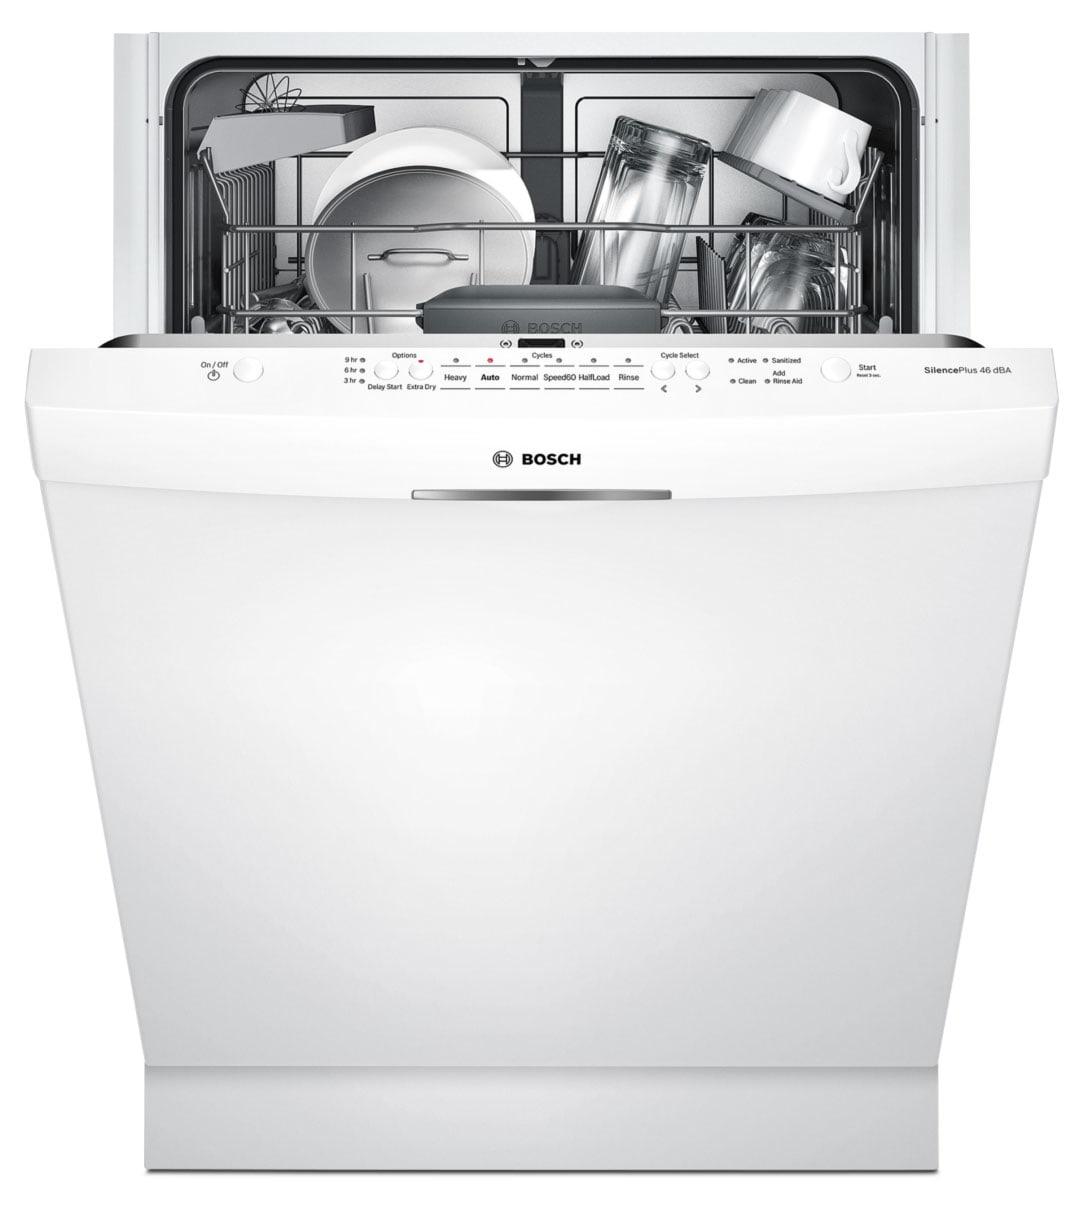 Small Dish Washer Bosch White 24 Dishwasher Shs5av52uc Leons